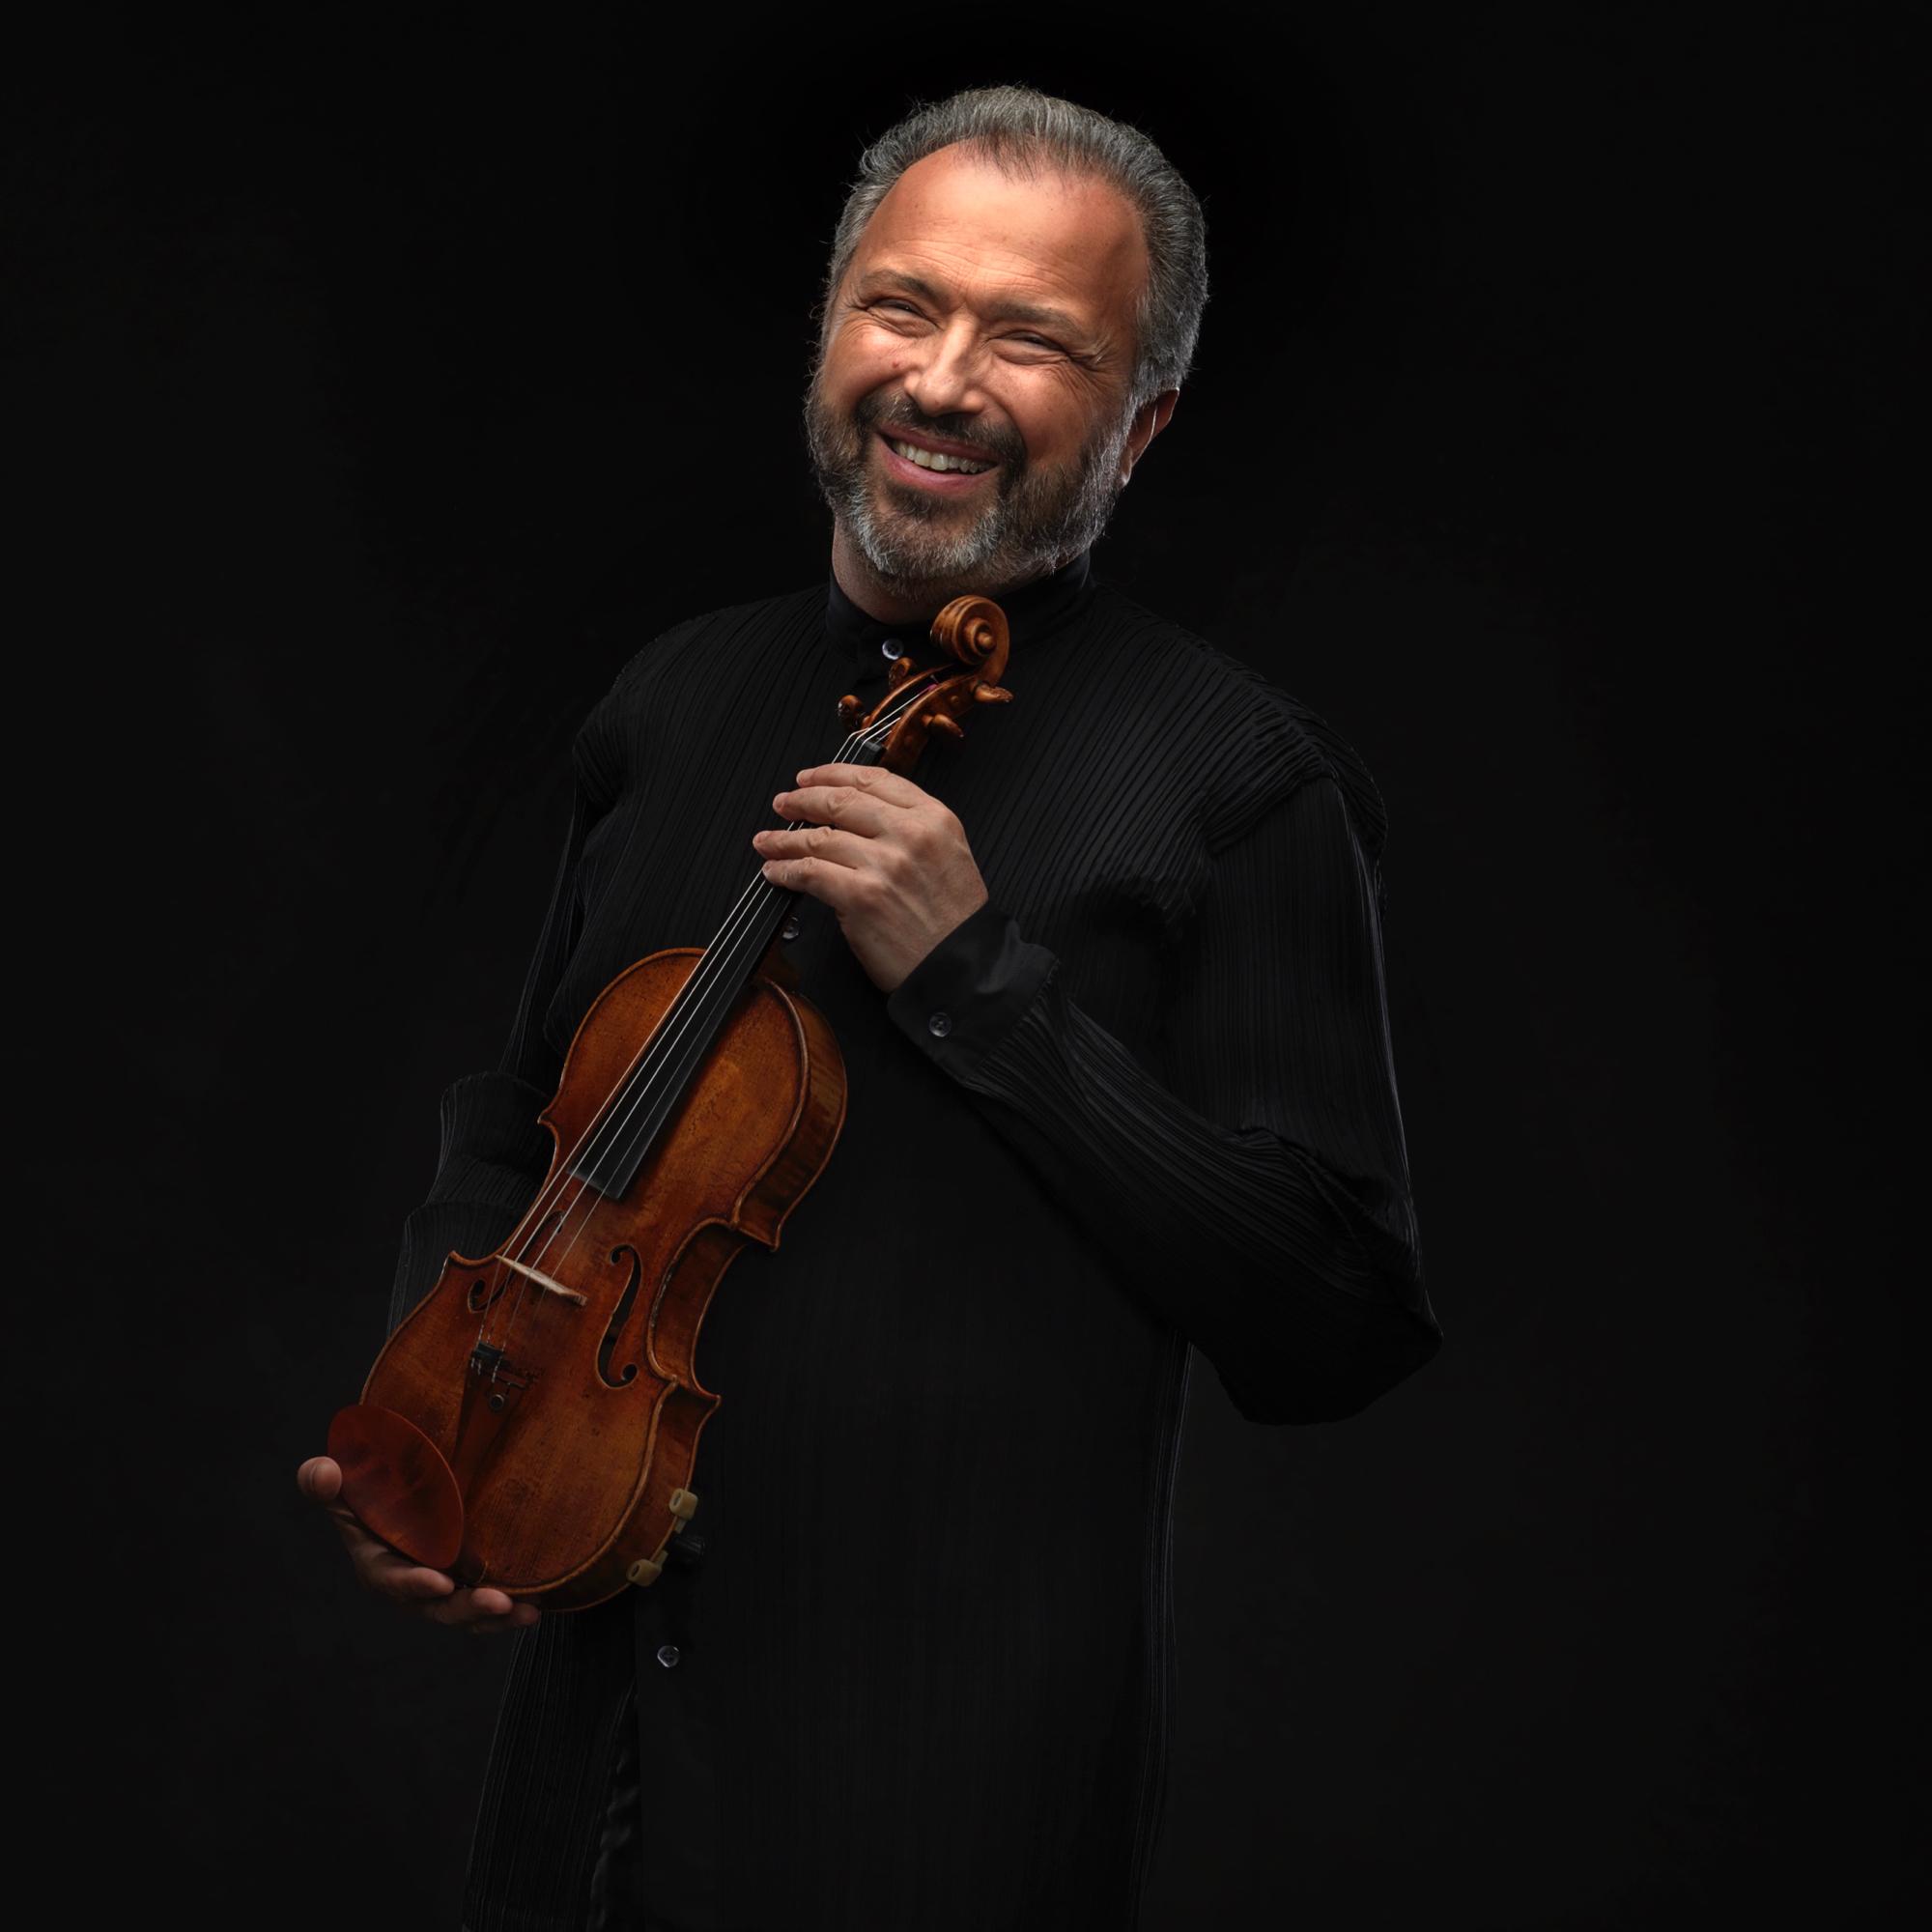 Dmitry Sitkovetsky joins The XVI International Tchaikovsky Competition